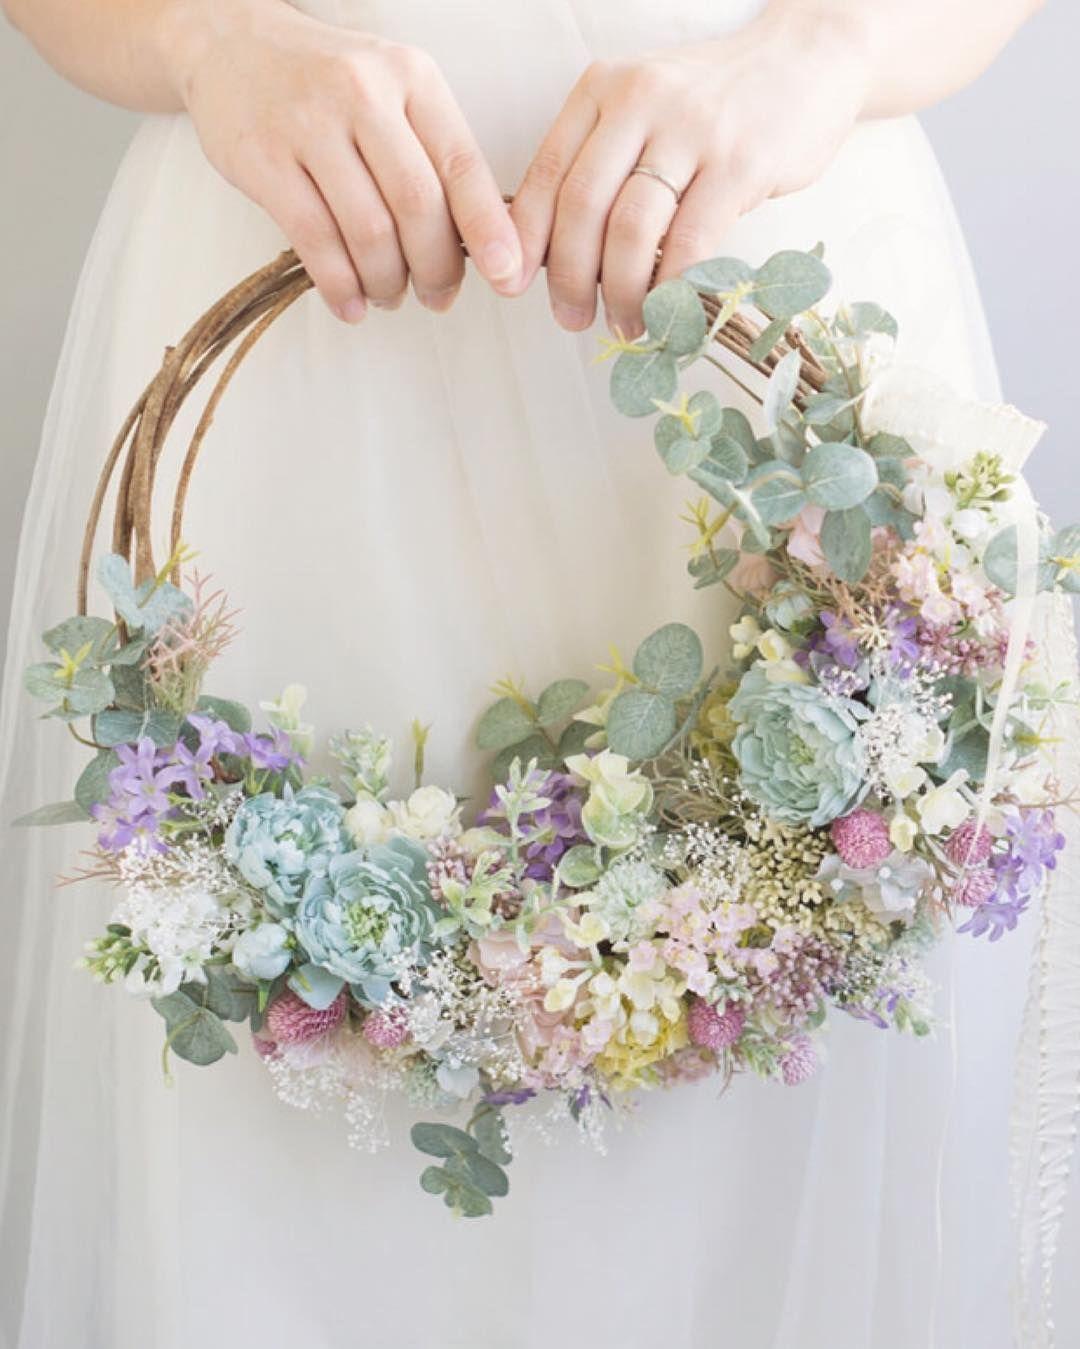 いいね!353件、コメント6件 ― @mille_la_chouetteのInstagramアカウント: 「◾︎新作リースブーケ◾︎ とっても人気のリースブーケ❁︎ 野の花を摘んできたような春らしいデザイン❤︎ オンラインストアにて販売中です」